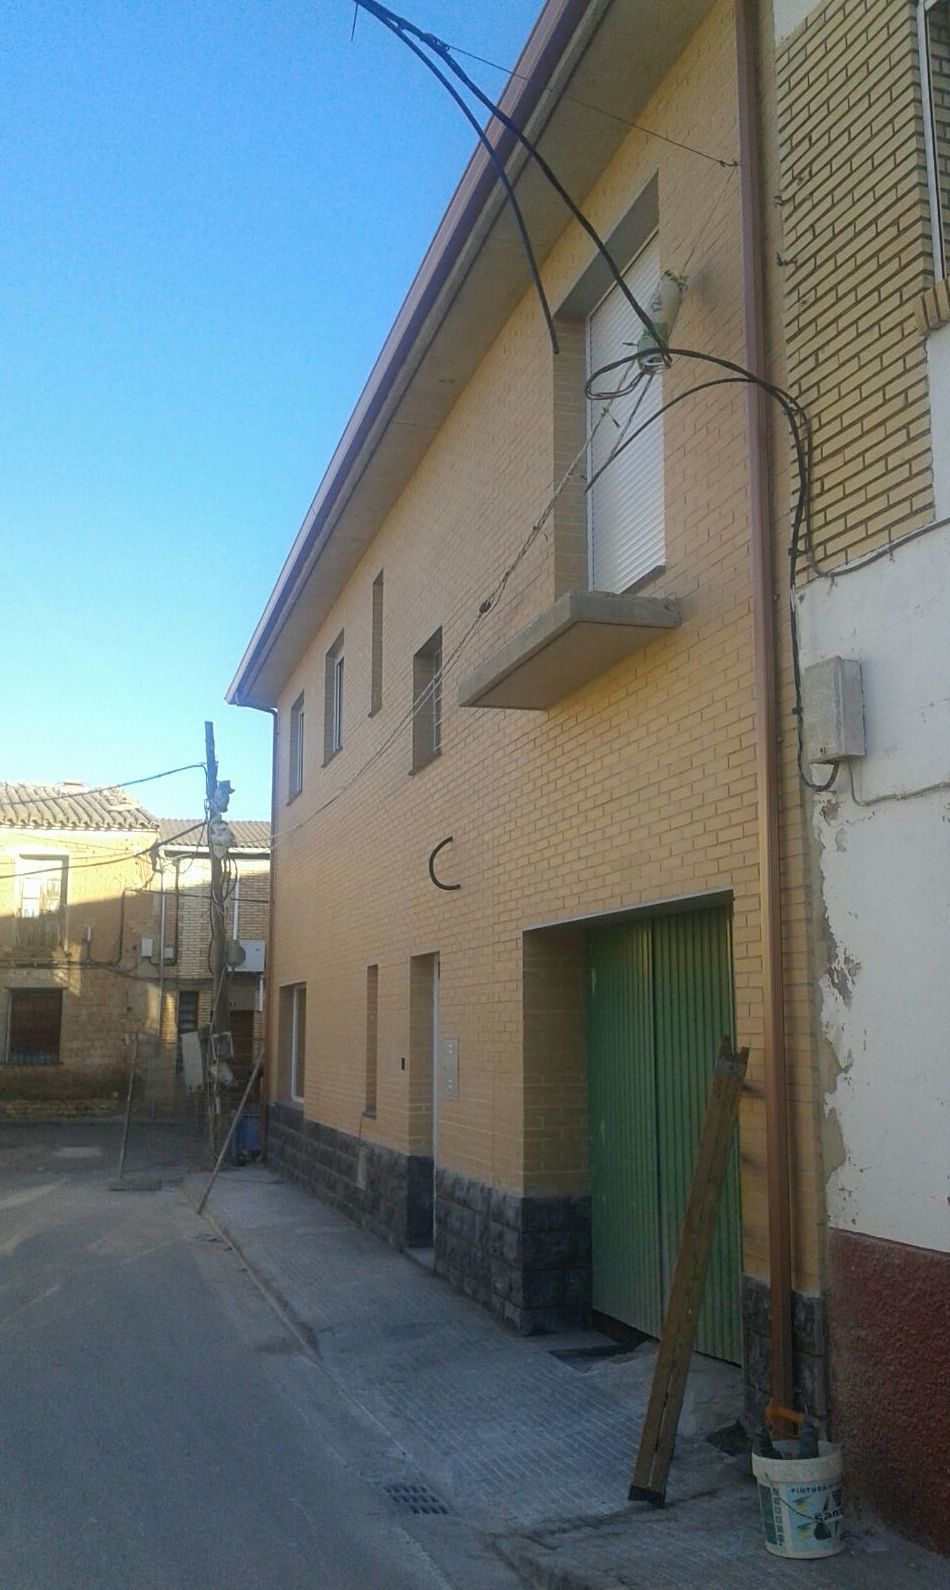 Bajantes de agua en fachadas